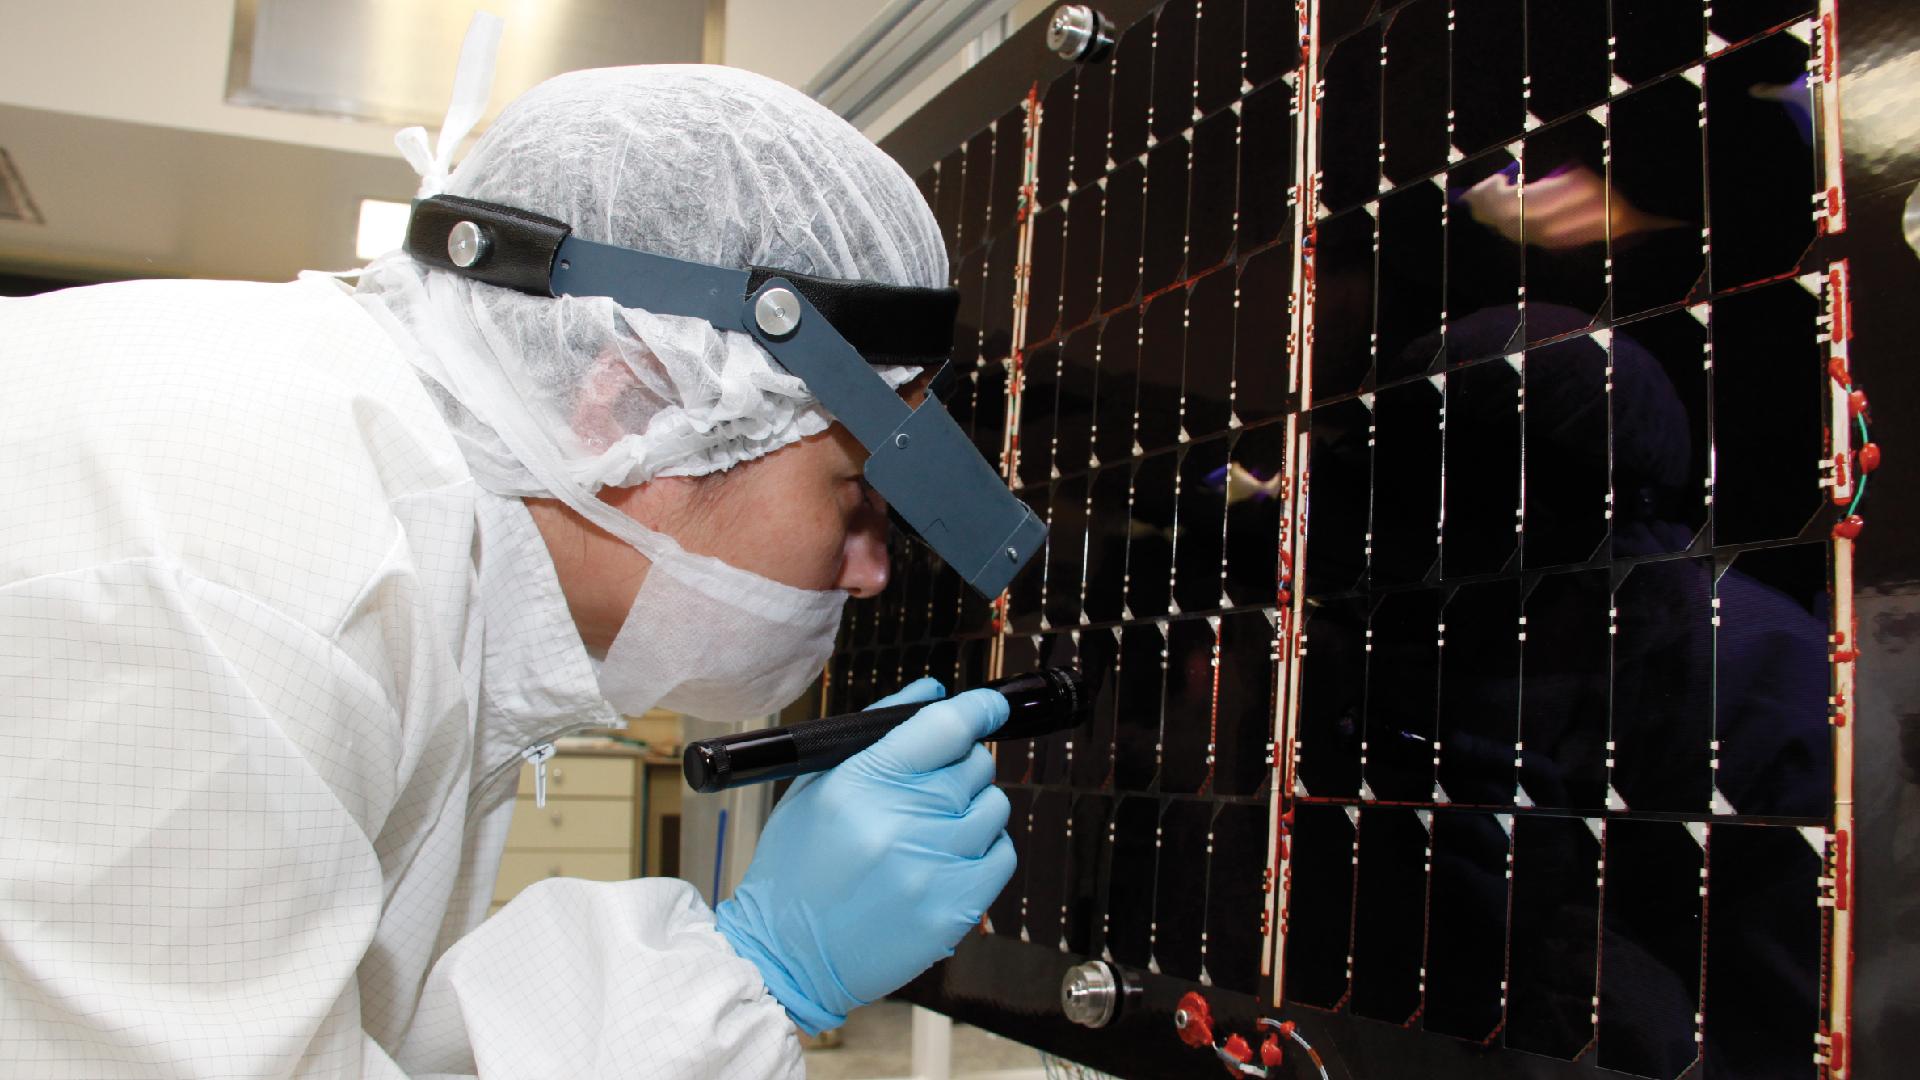 Revisión del montaje de celdas solares para uso espacial